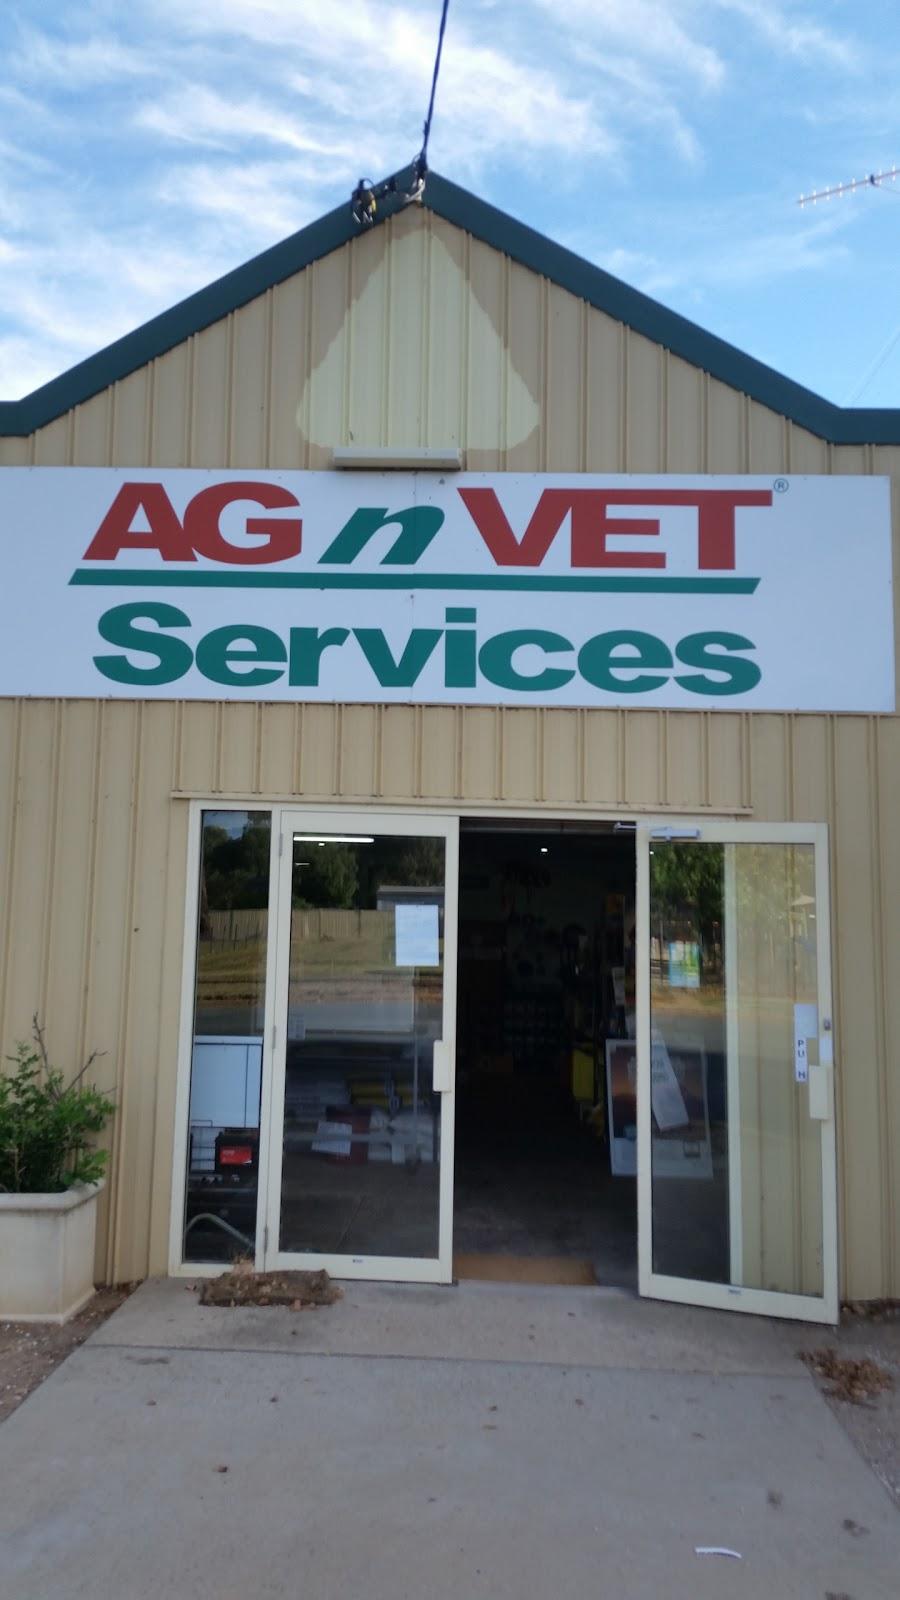 AGnVET Services - Mangoplah | food | 19 Kyeamba St, Mangoplah NSW 2652, Australia | 0269285791 OR +61 2 6928 5791